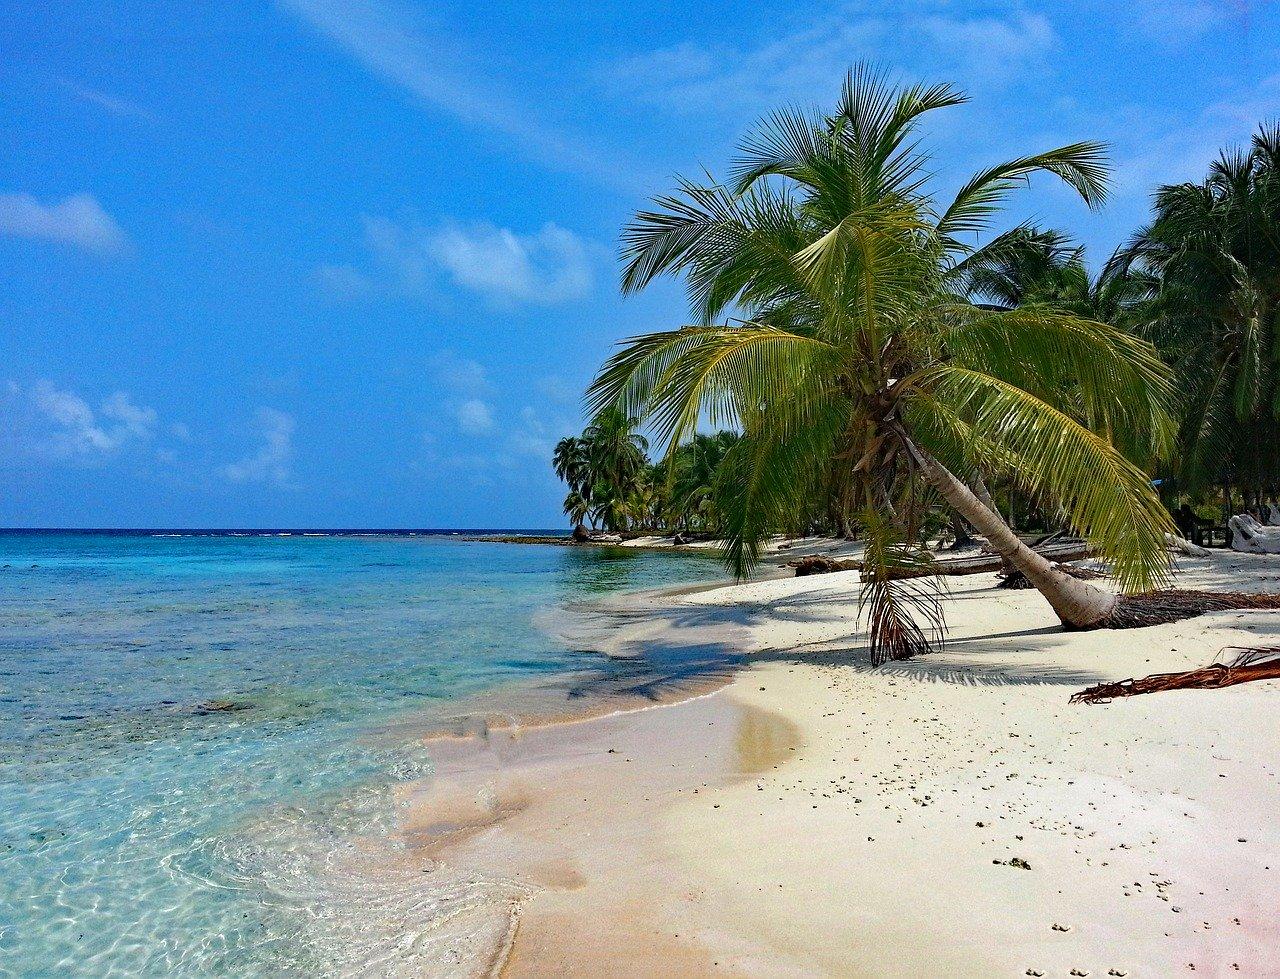 Isla Diablo, San Blas Islands, Panama